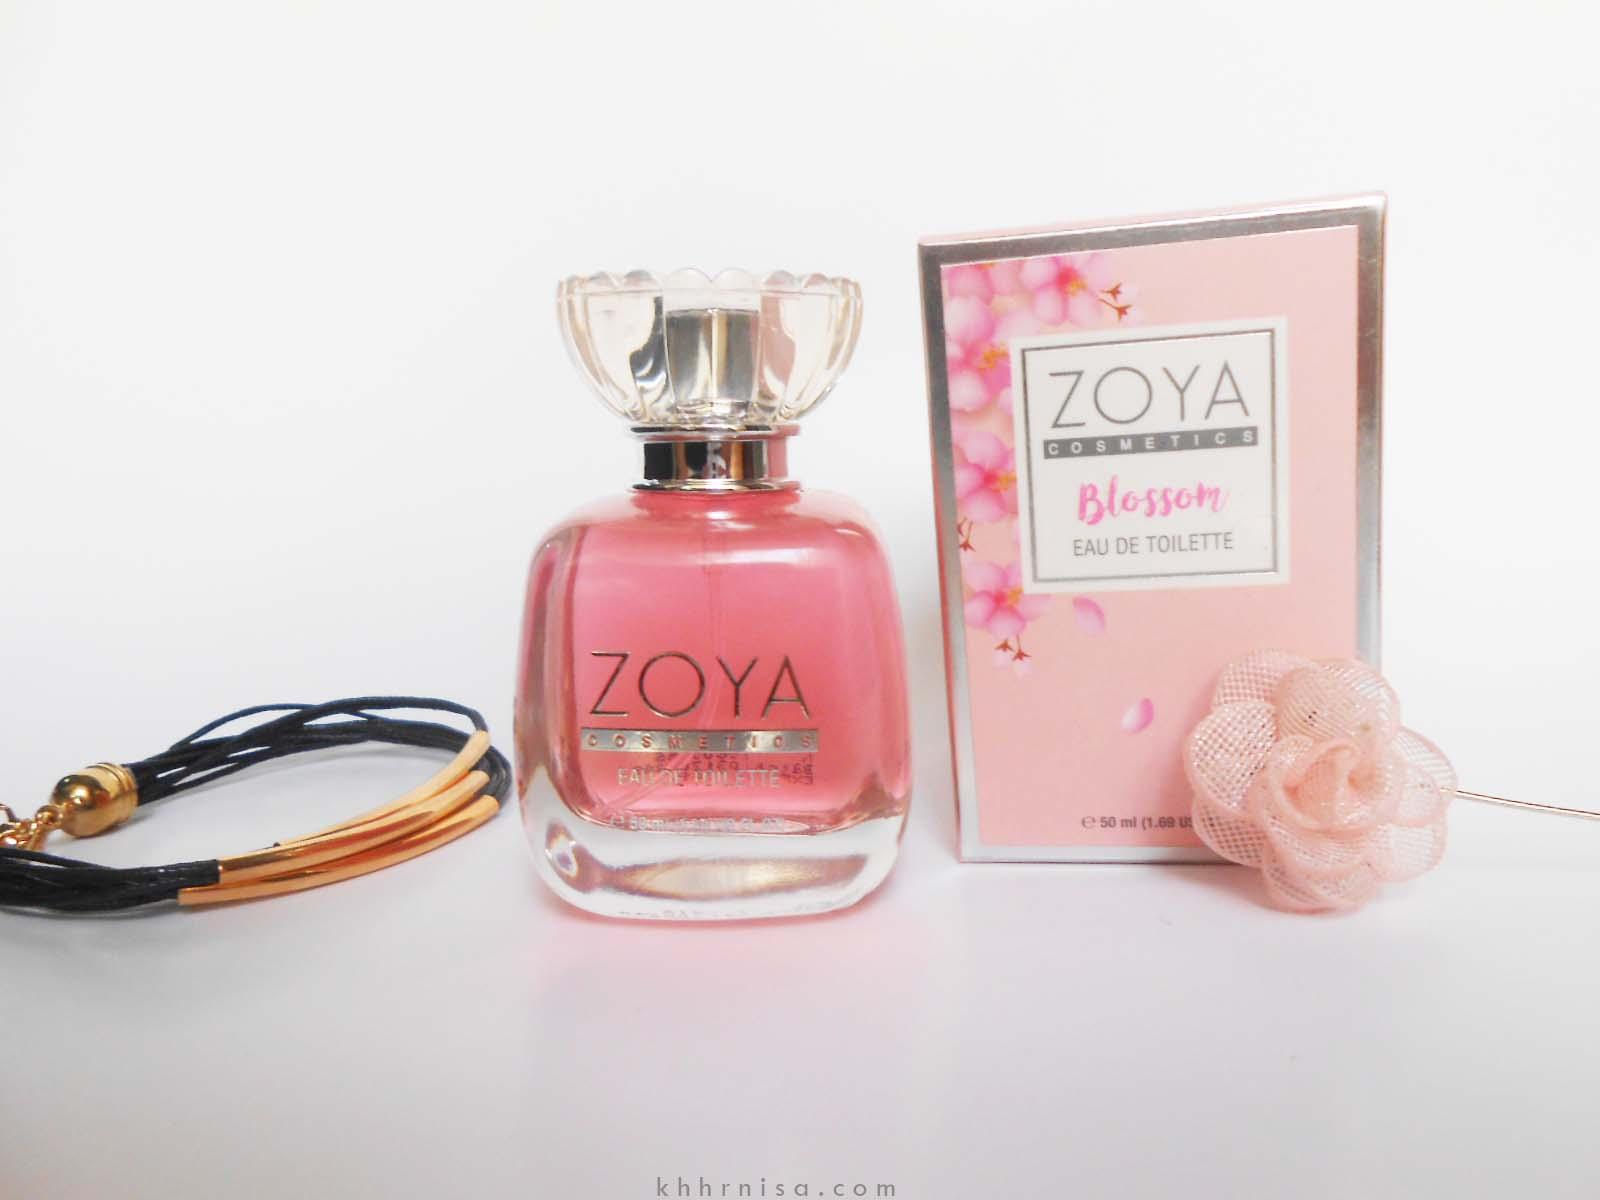 Zoya Cosmetics Body Mist Vanilla Daftar Update Harga Terbaru Dan Tropical 110 Ml 405828 Nah Ngomong Tentang Pewangi Tubuh Kali Ini Aku Akan Review Produk Terbarunya